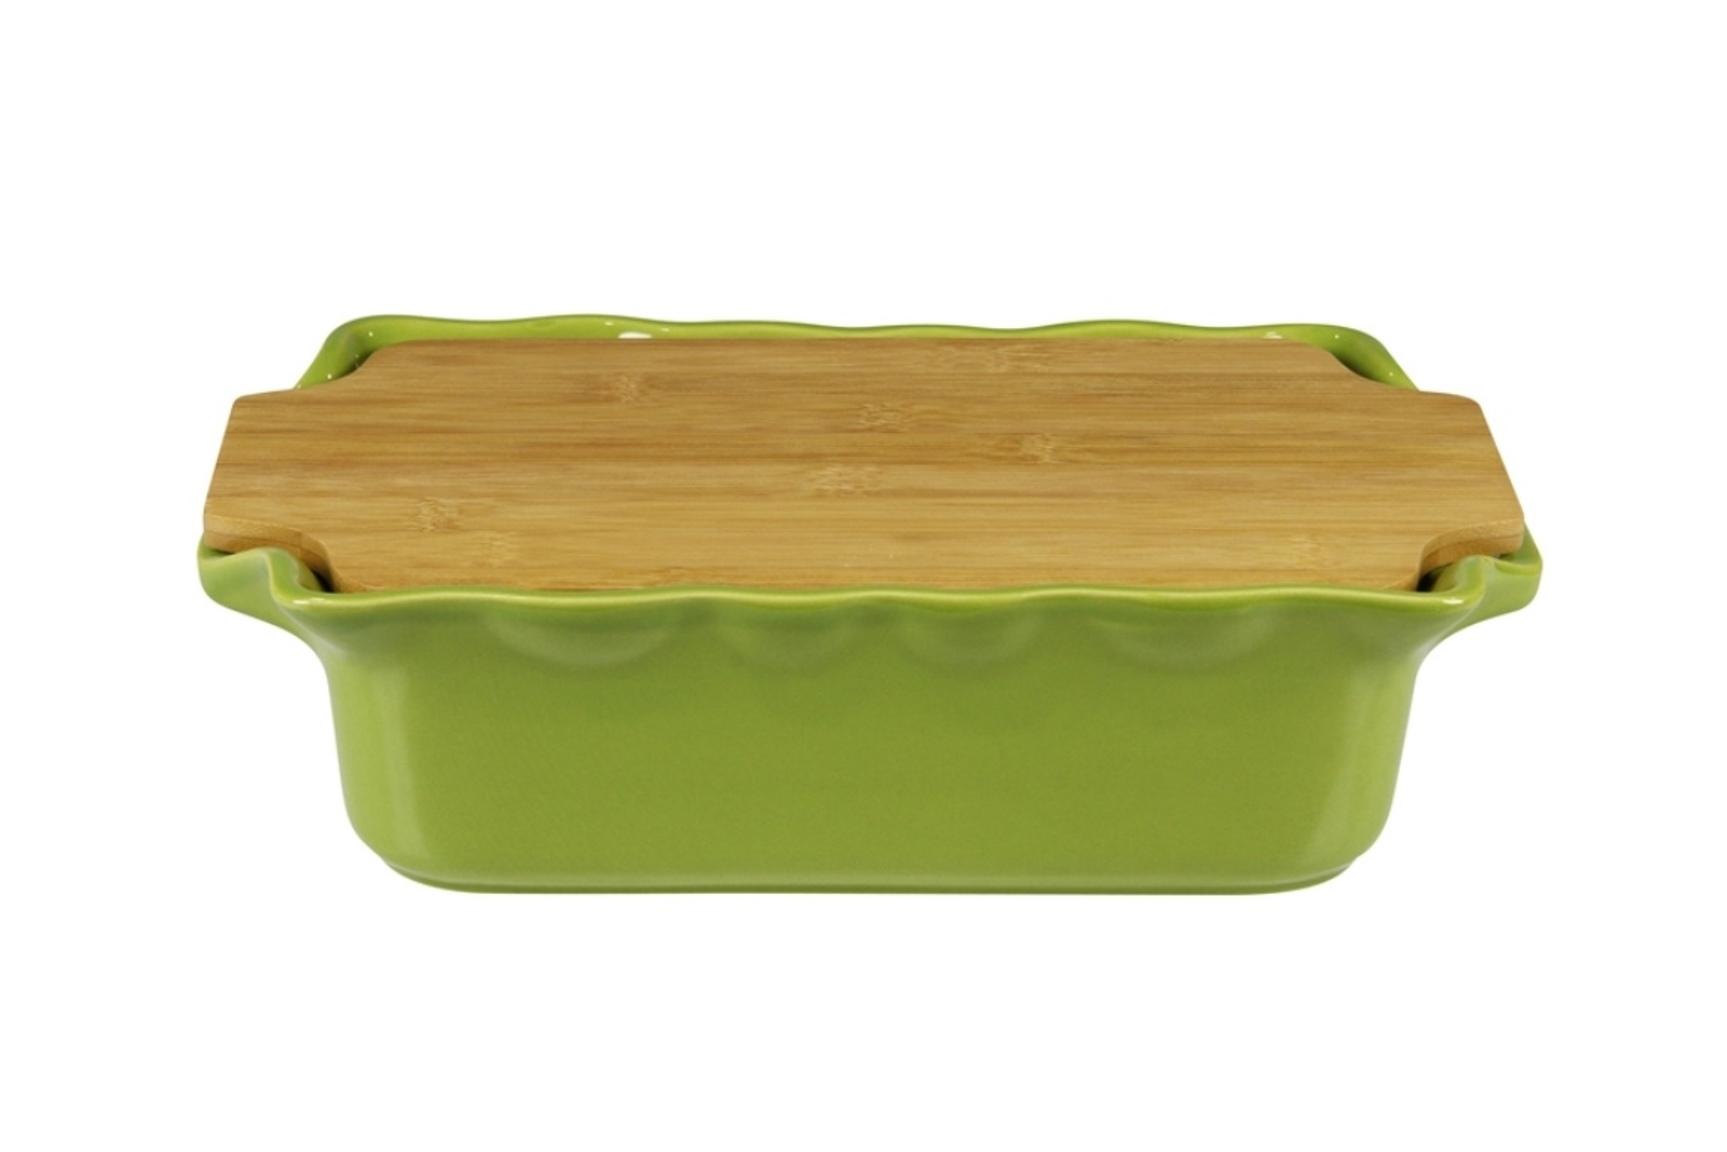 Форма с доcкой прямоугольная 33,5 см Appolia Cook&Stock BAMBOO GREEN 131033503